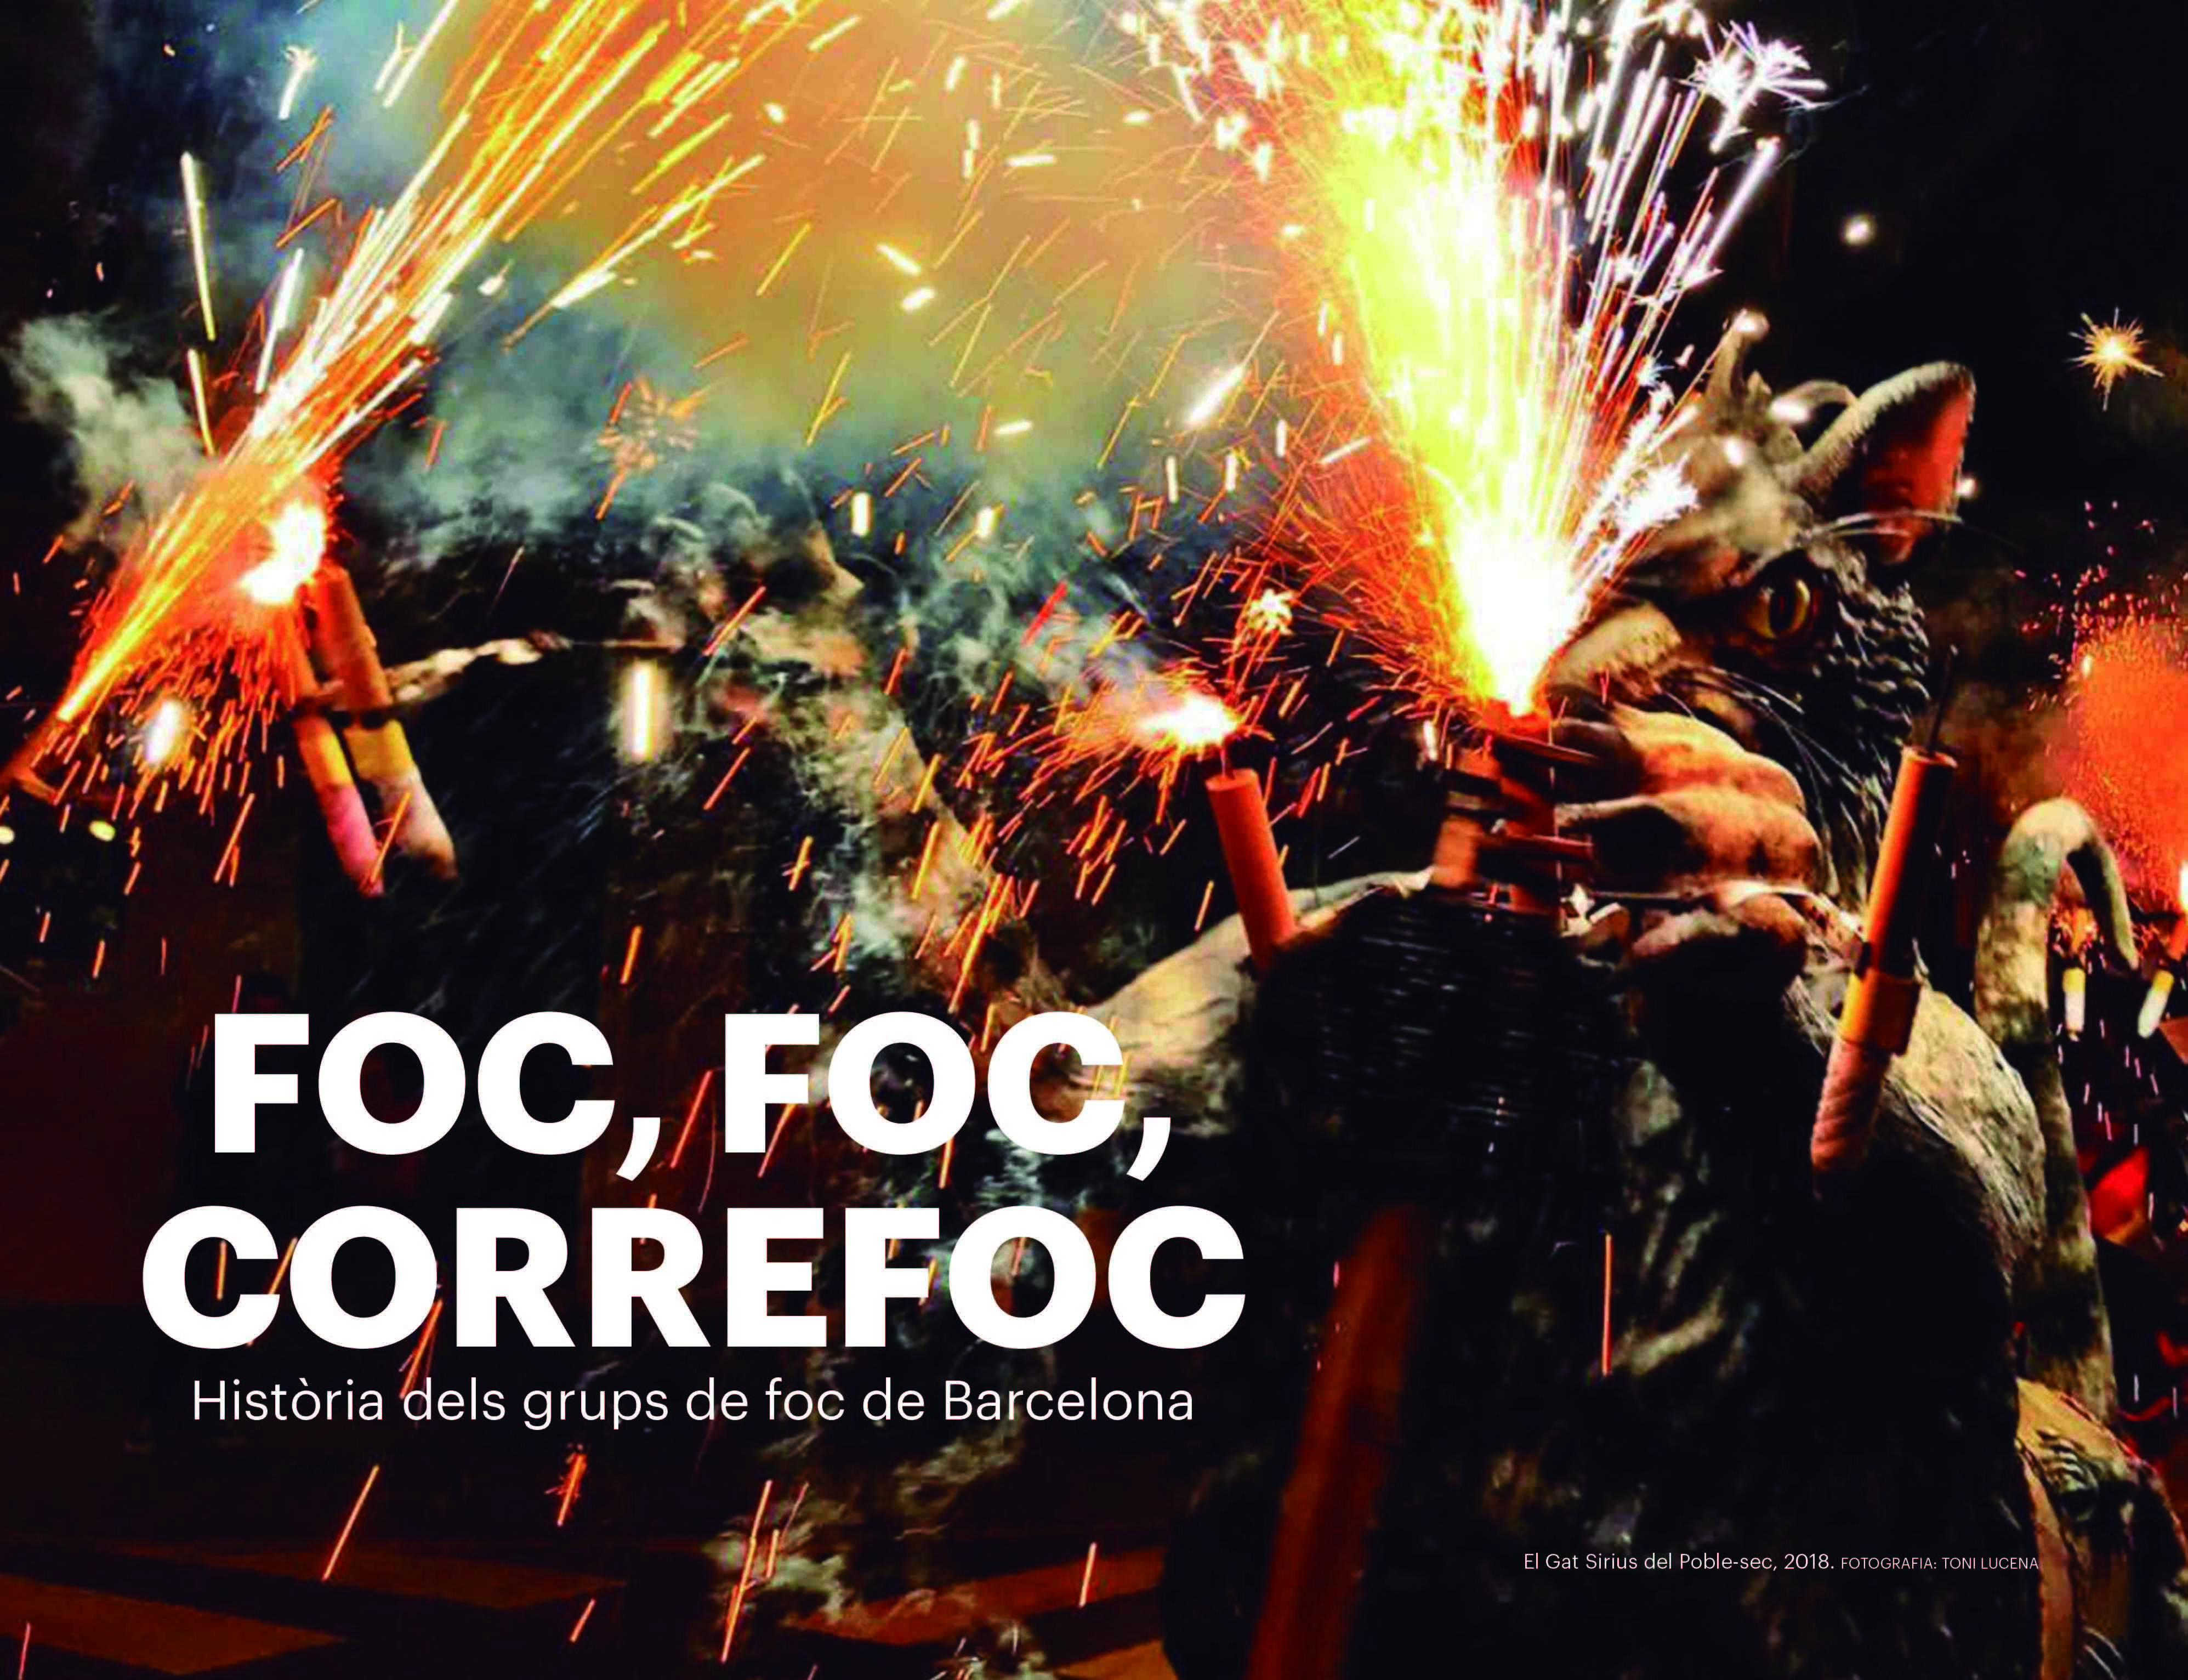 FOC FOC CORREFOC